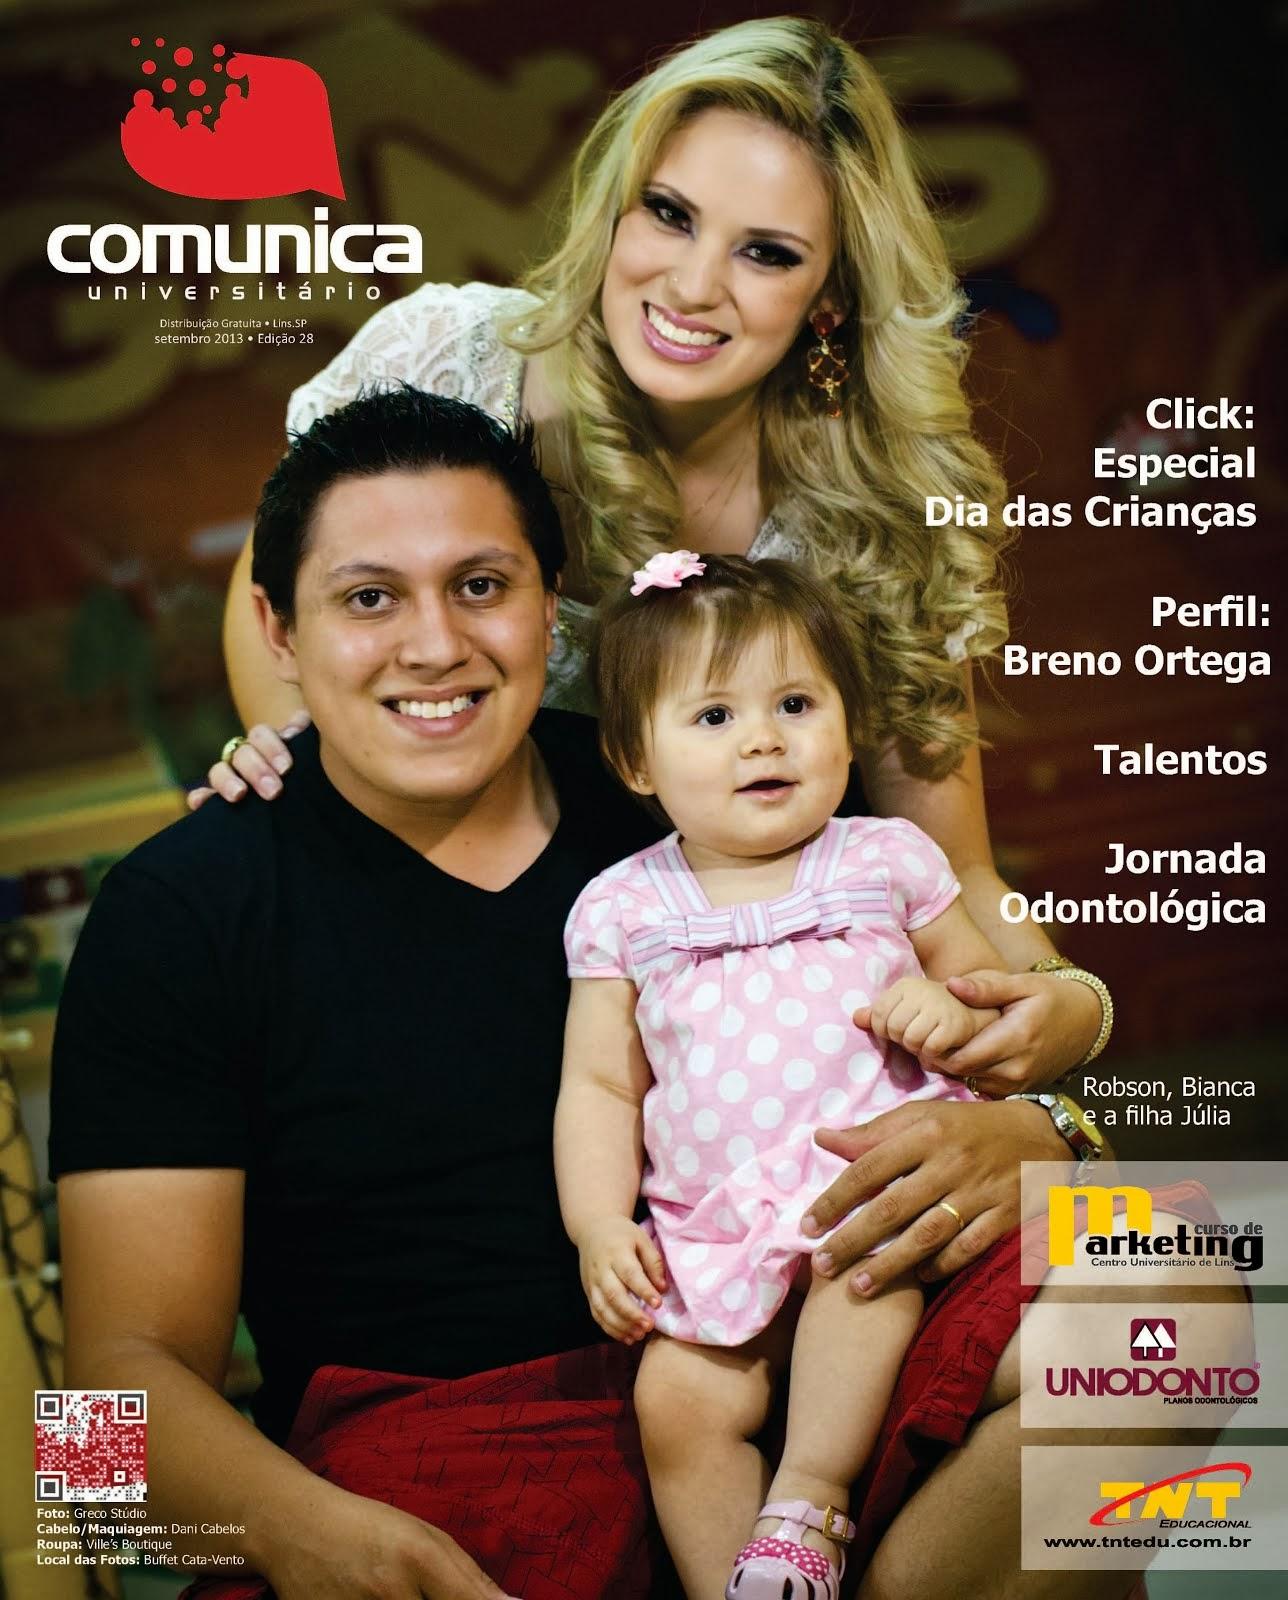 Comunica | Edição 28